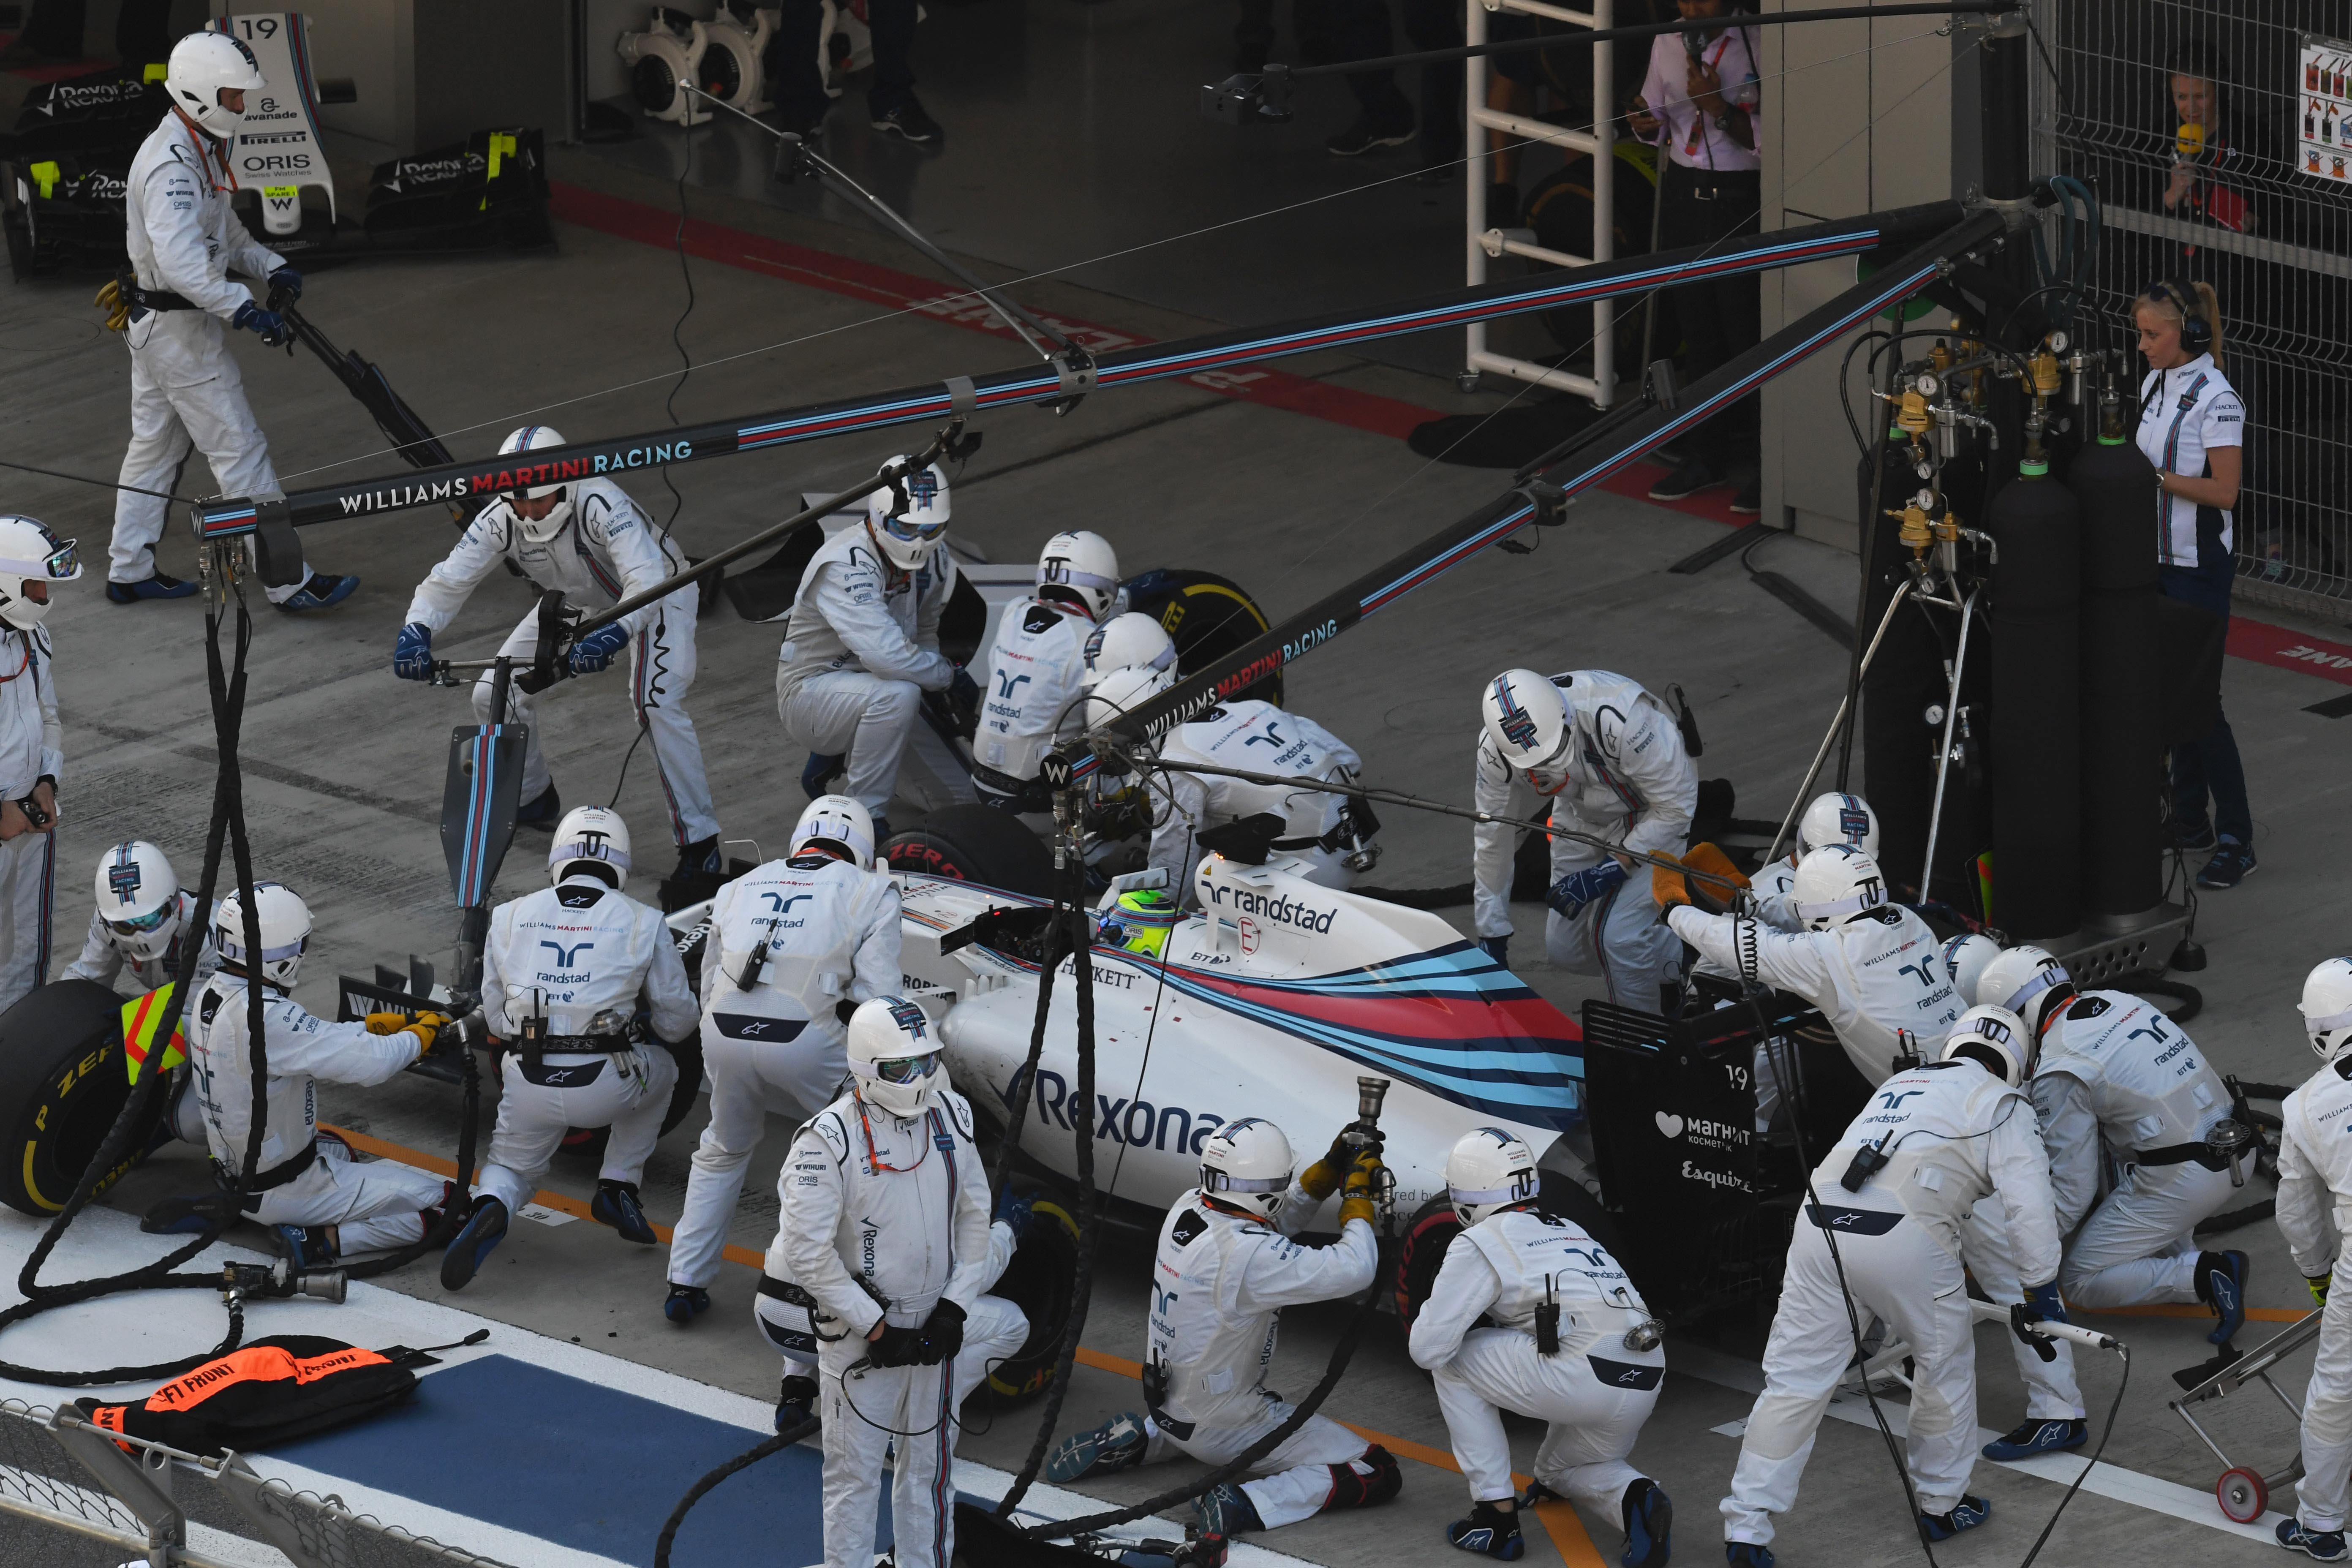 F1 - Un record de l'arr�t au stand le plus rapide en F1 pour Williams en? 1''92